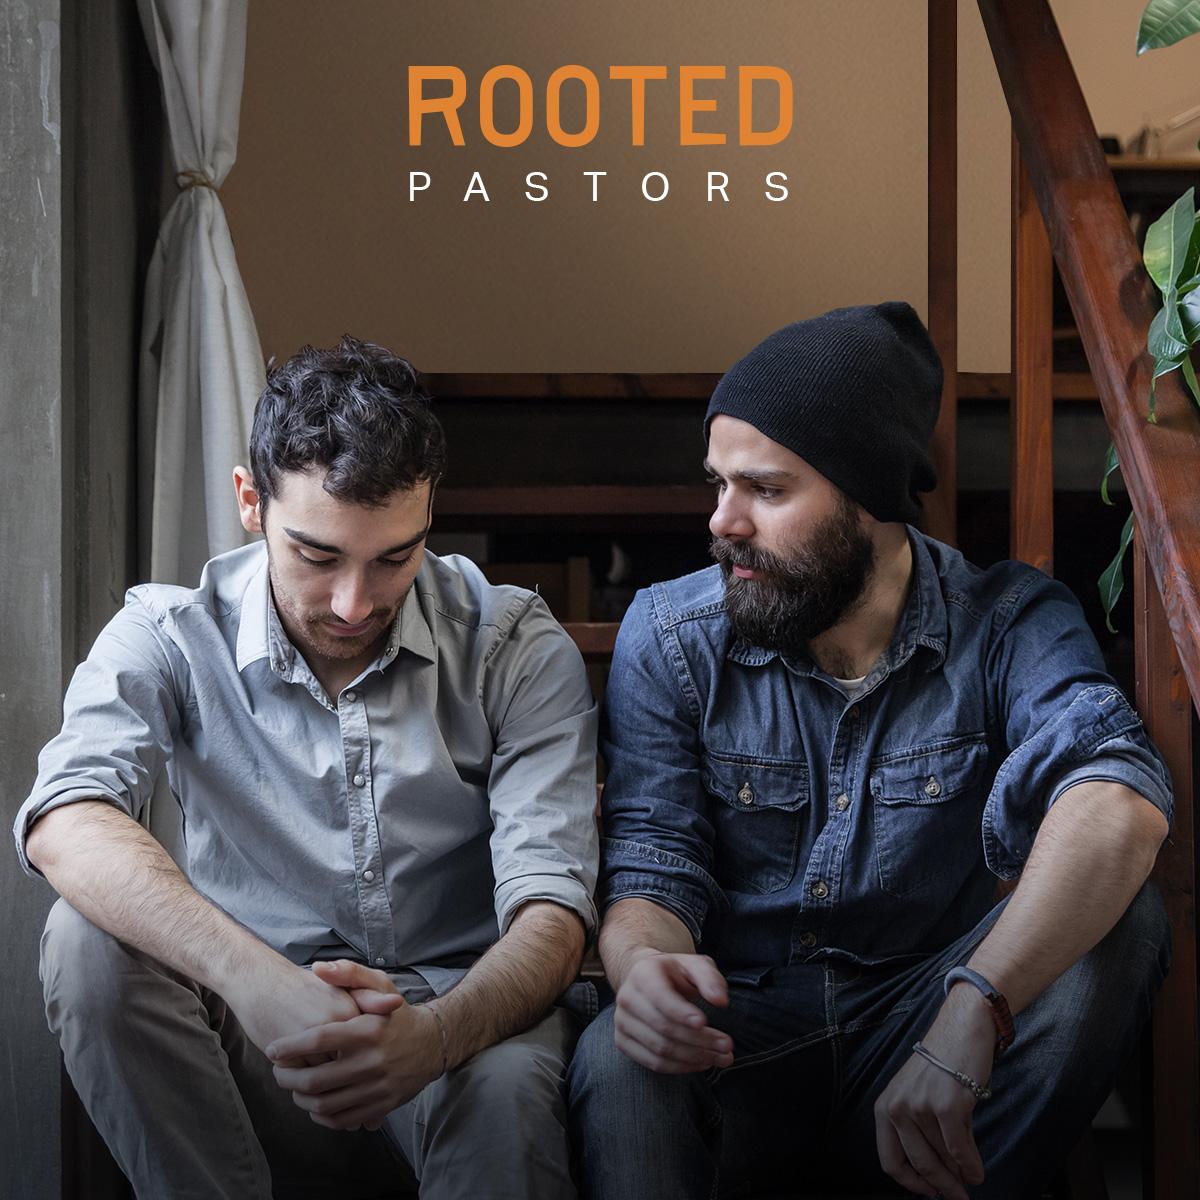 RootedPastorsNewA.jpg